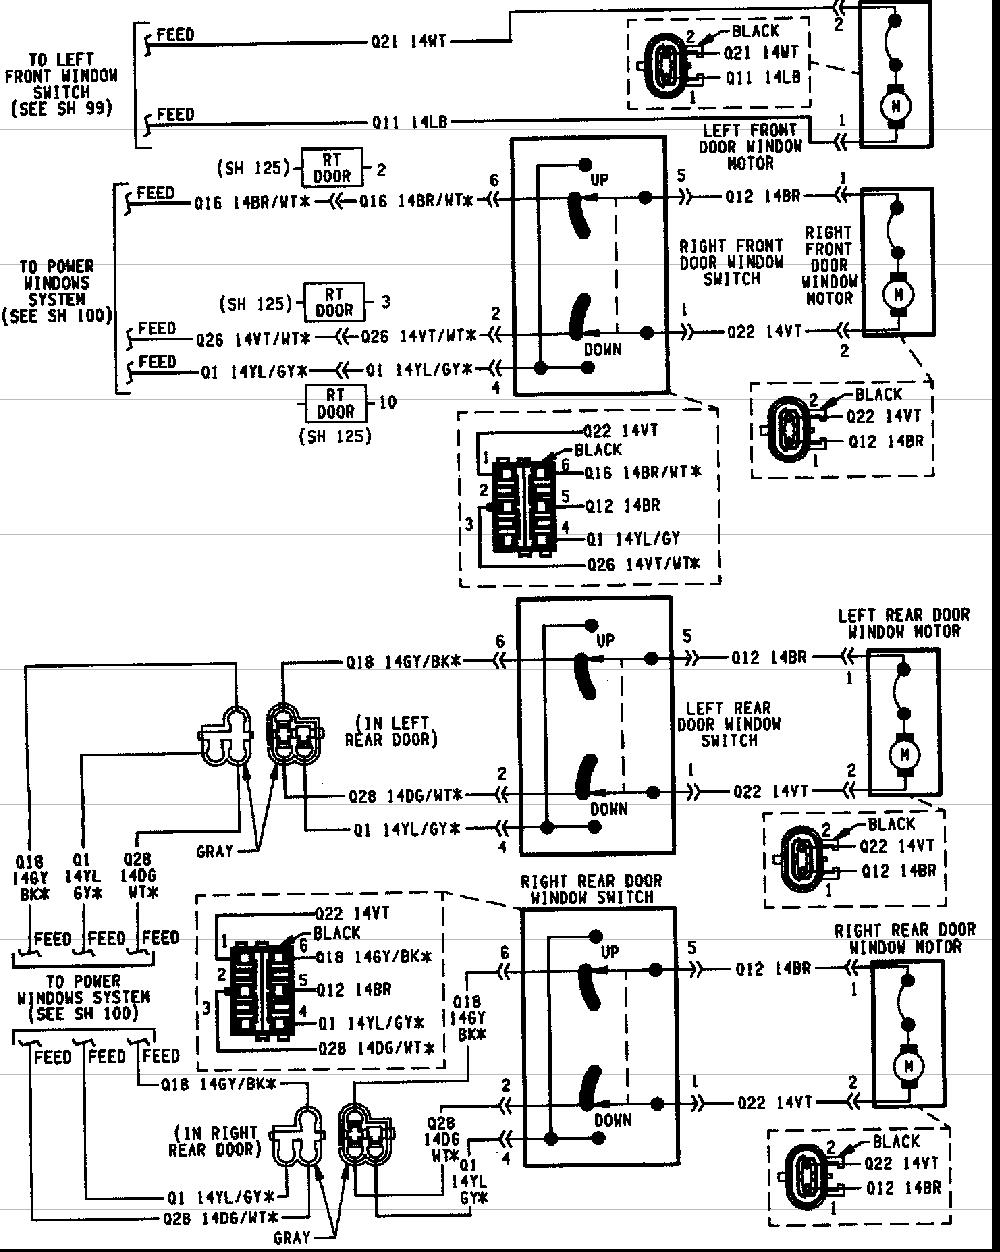 medium resolution of jeep grand cherokee wiring diagram amazing 1996 jeep grand cherokee pcm wiring diagram inspiration 17p